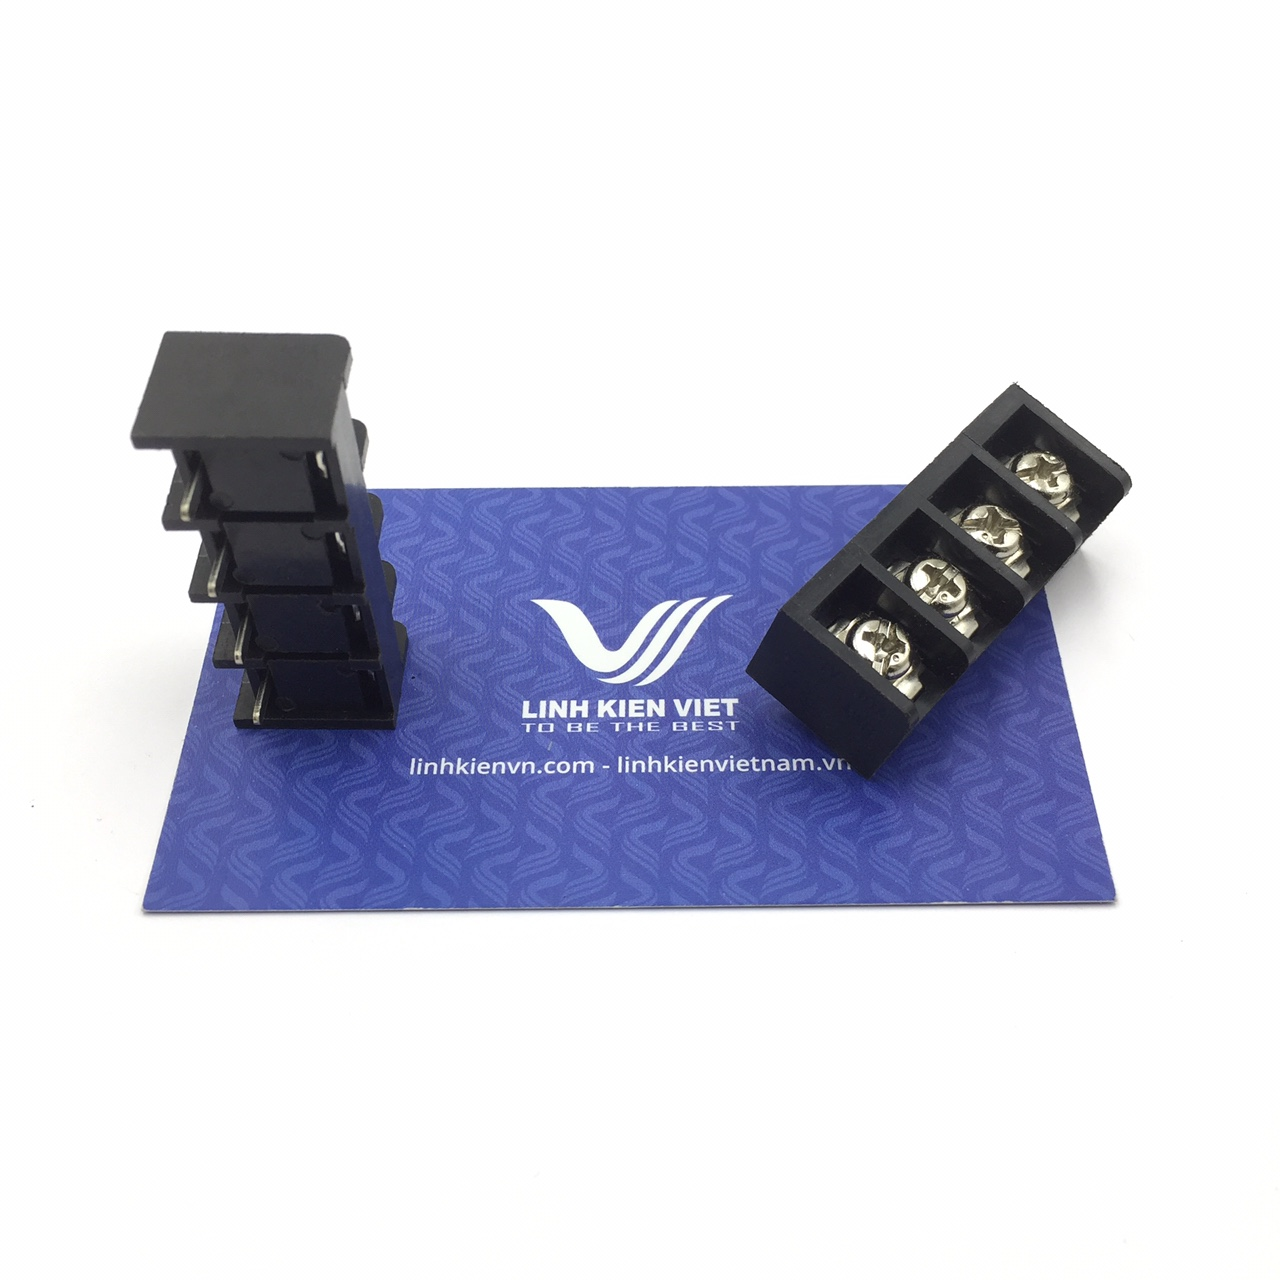 Cầu đấu terminal HB9500-4P /DC49 - 9.5mm 4P s1H16